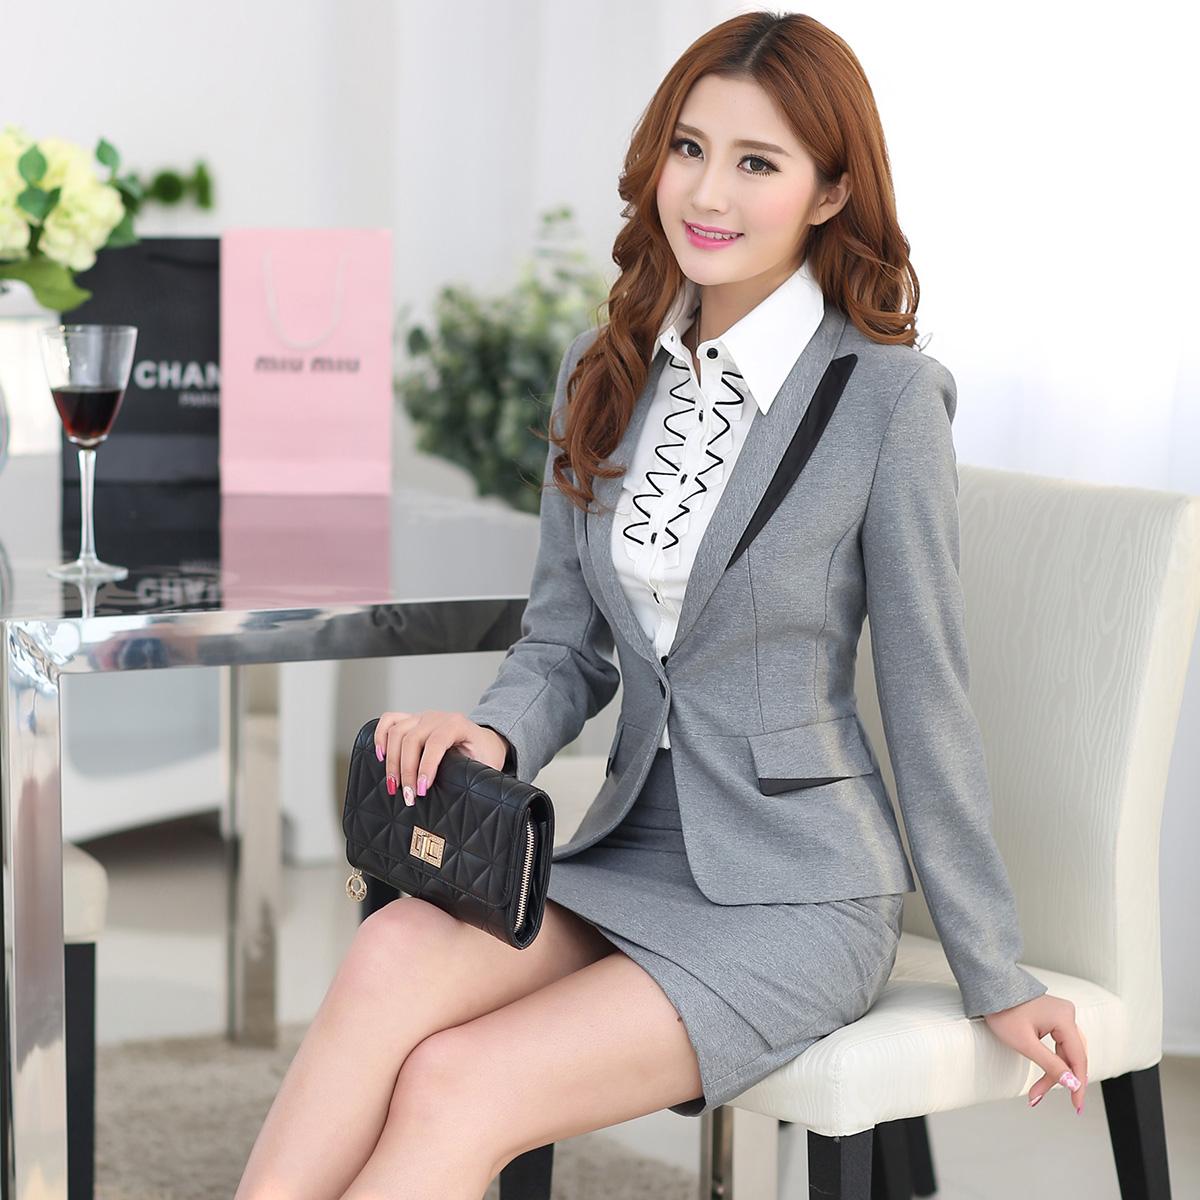 Чжи Юн Ян осенью 2015 новых элитных профессиональных женщин серое платье установлены OL белый воротник единообразных 13806